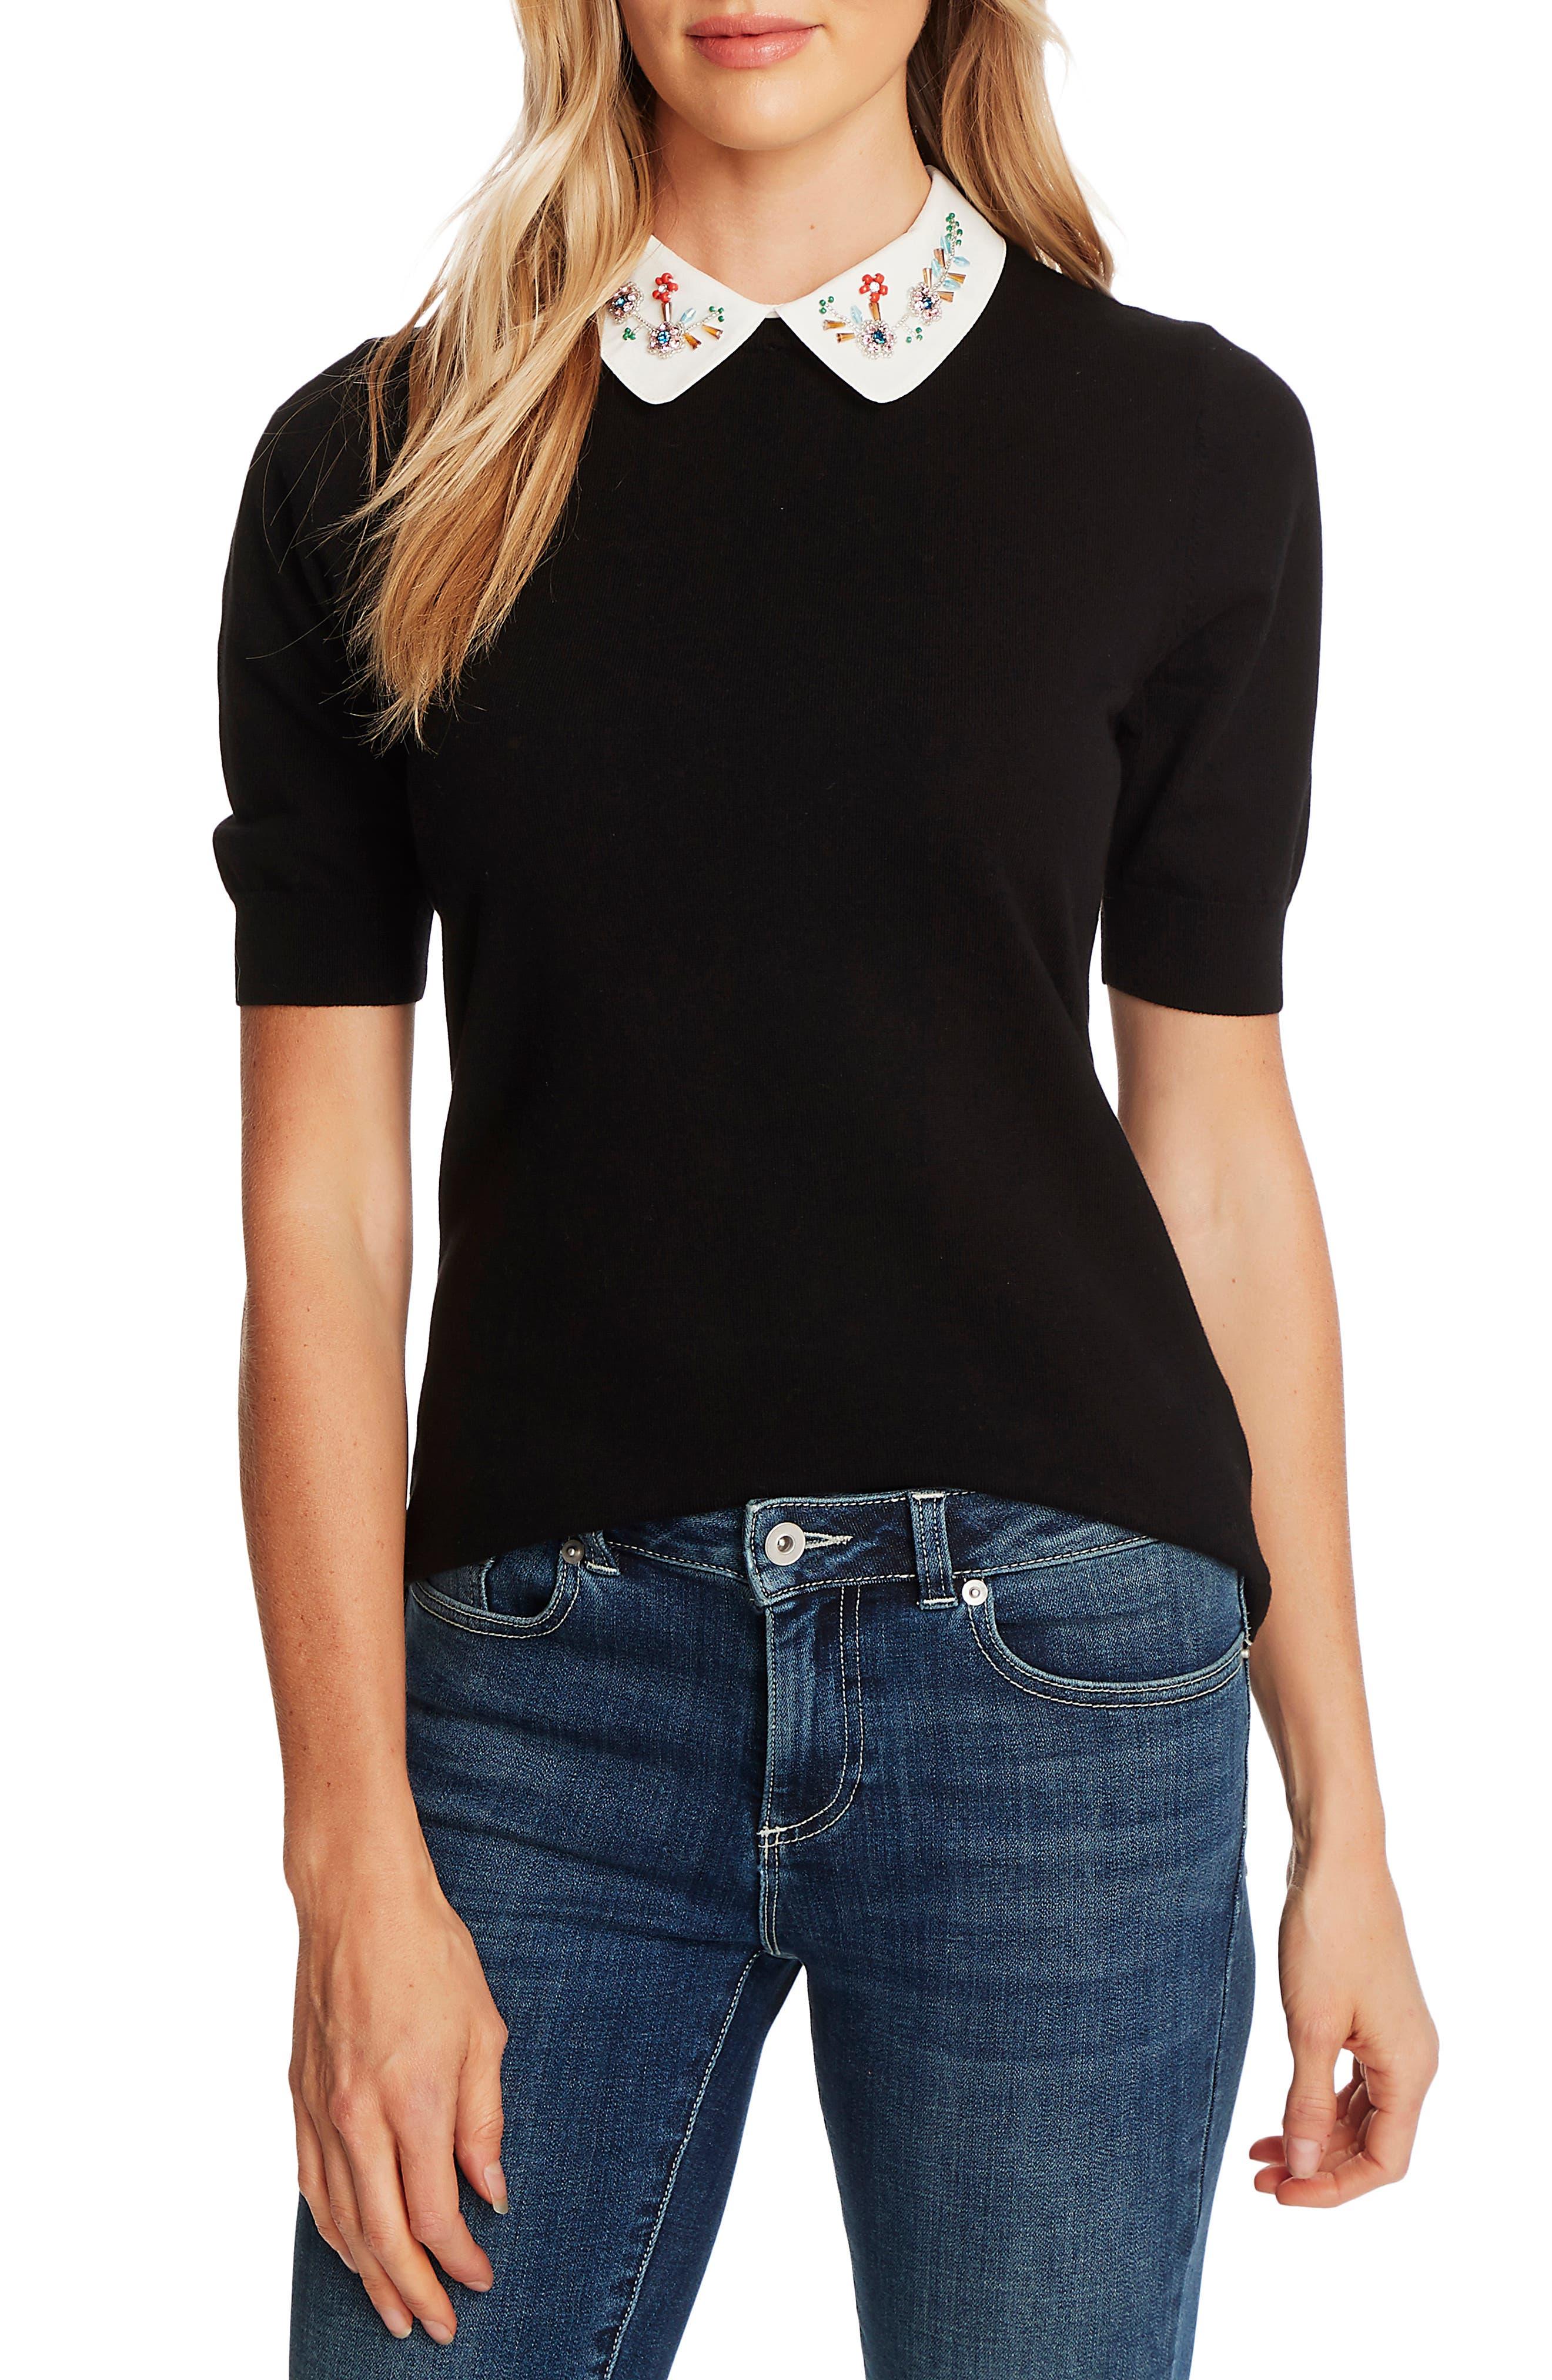 Vintage Tops & Retro Shirts, Halter Tops, Blouses Womens Cece Embellished Collar Short Sleeve Sweater $53.40 AT vintagedancer.com